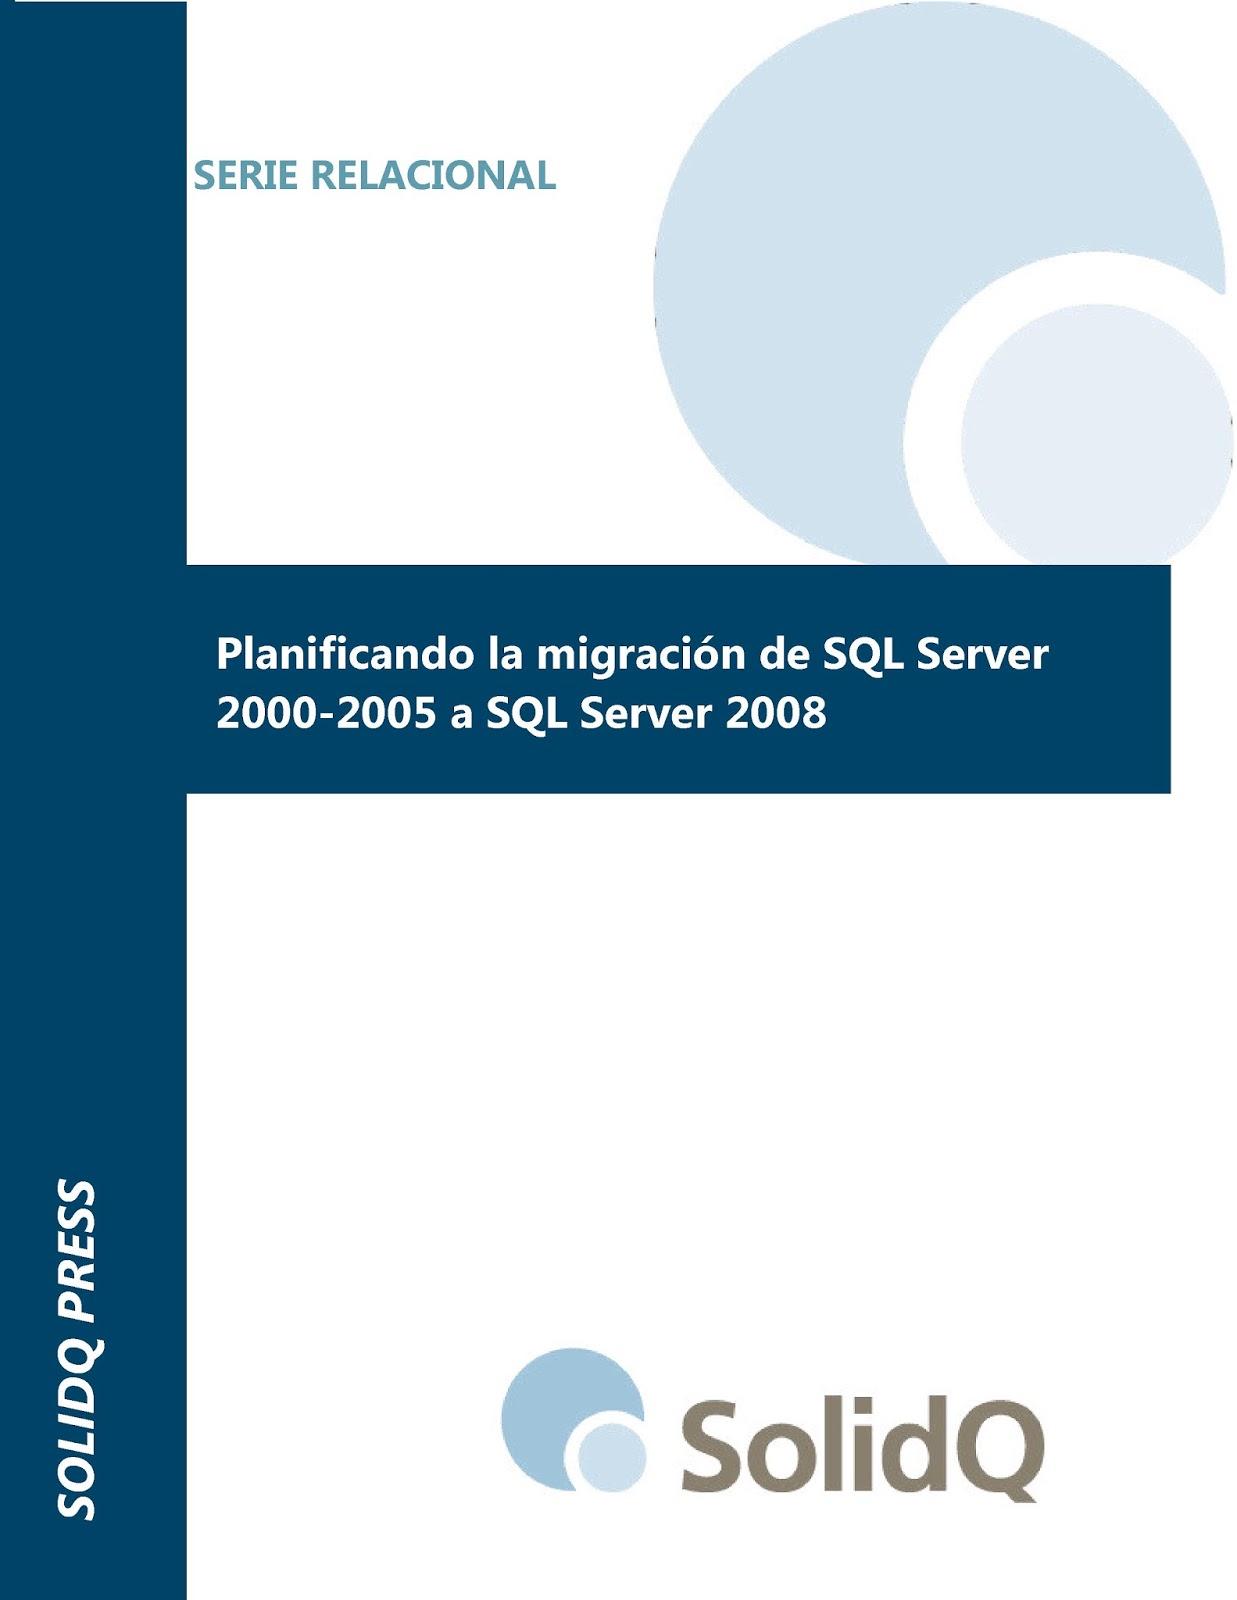 Planificando la migración de SQL Server 2000, 2005 a SQL Server 2008 – Enrique Catalá Bañuls